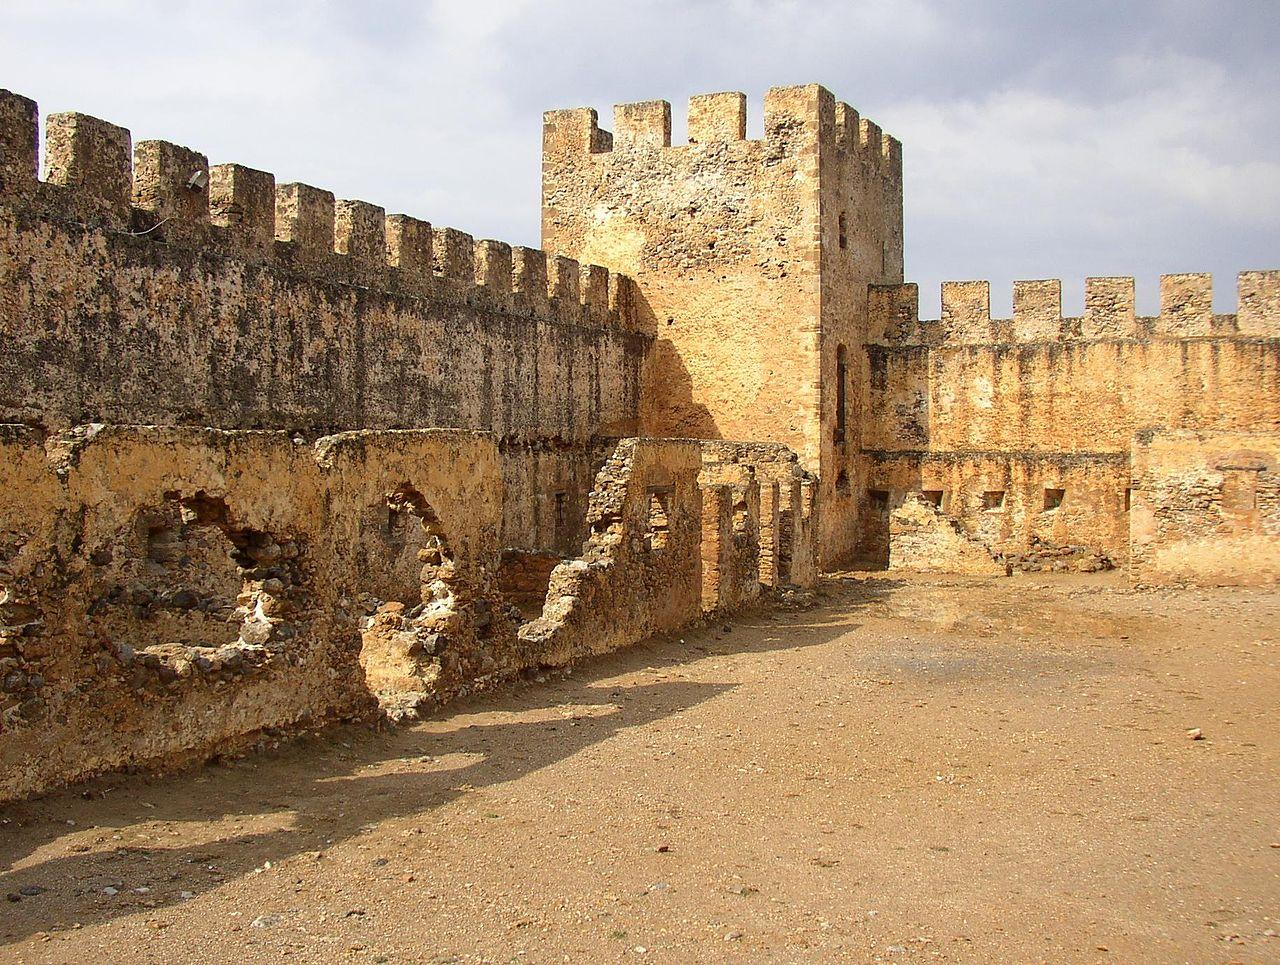 Το φρούριο του Φραγκοκάστελλου είναι του 14ου αιώνα